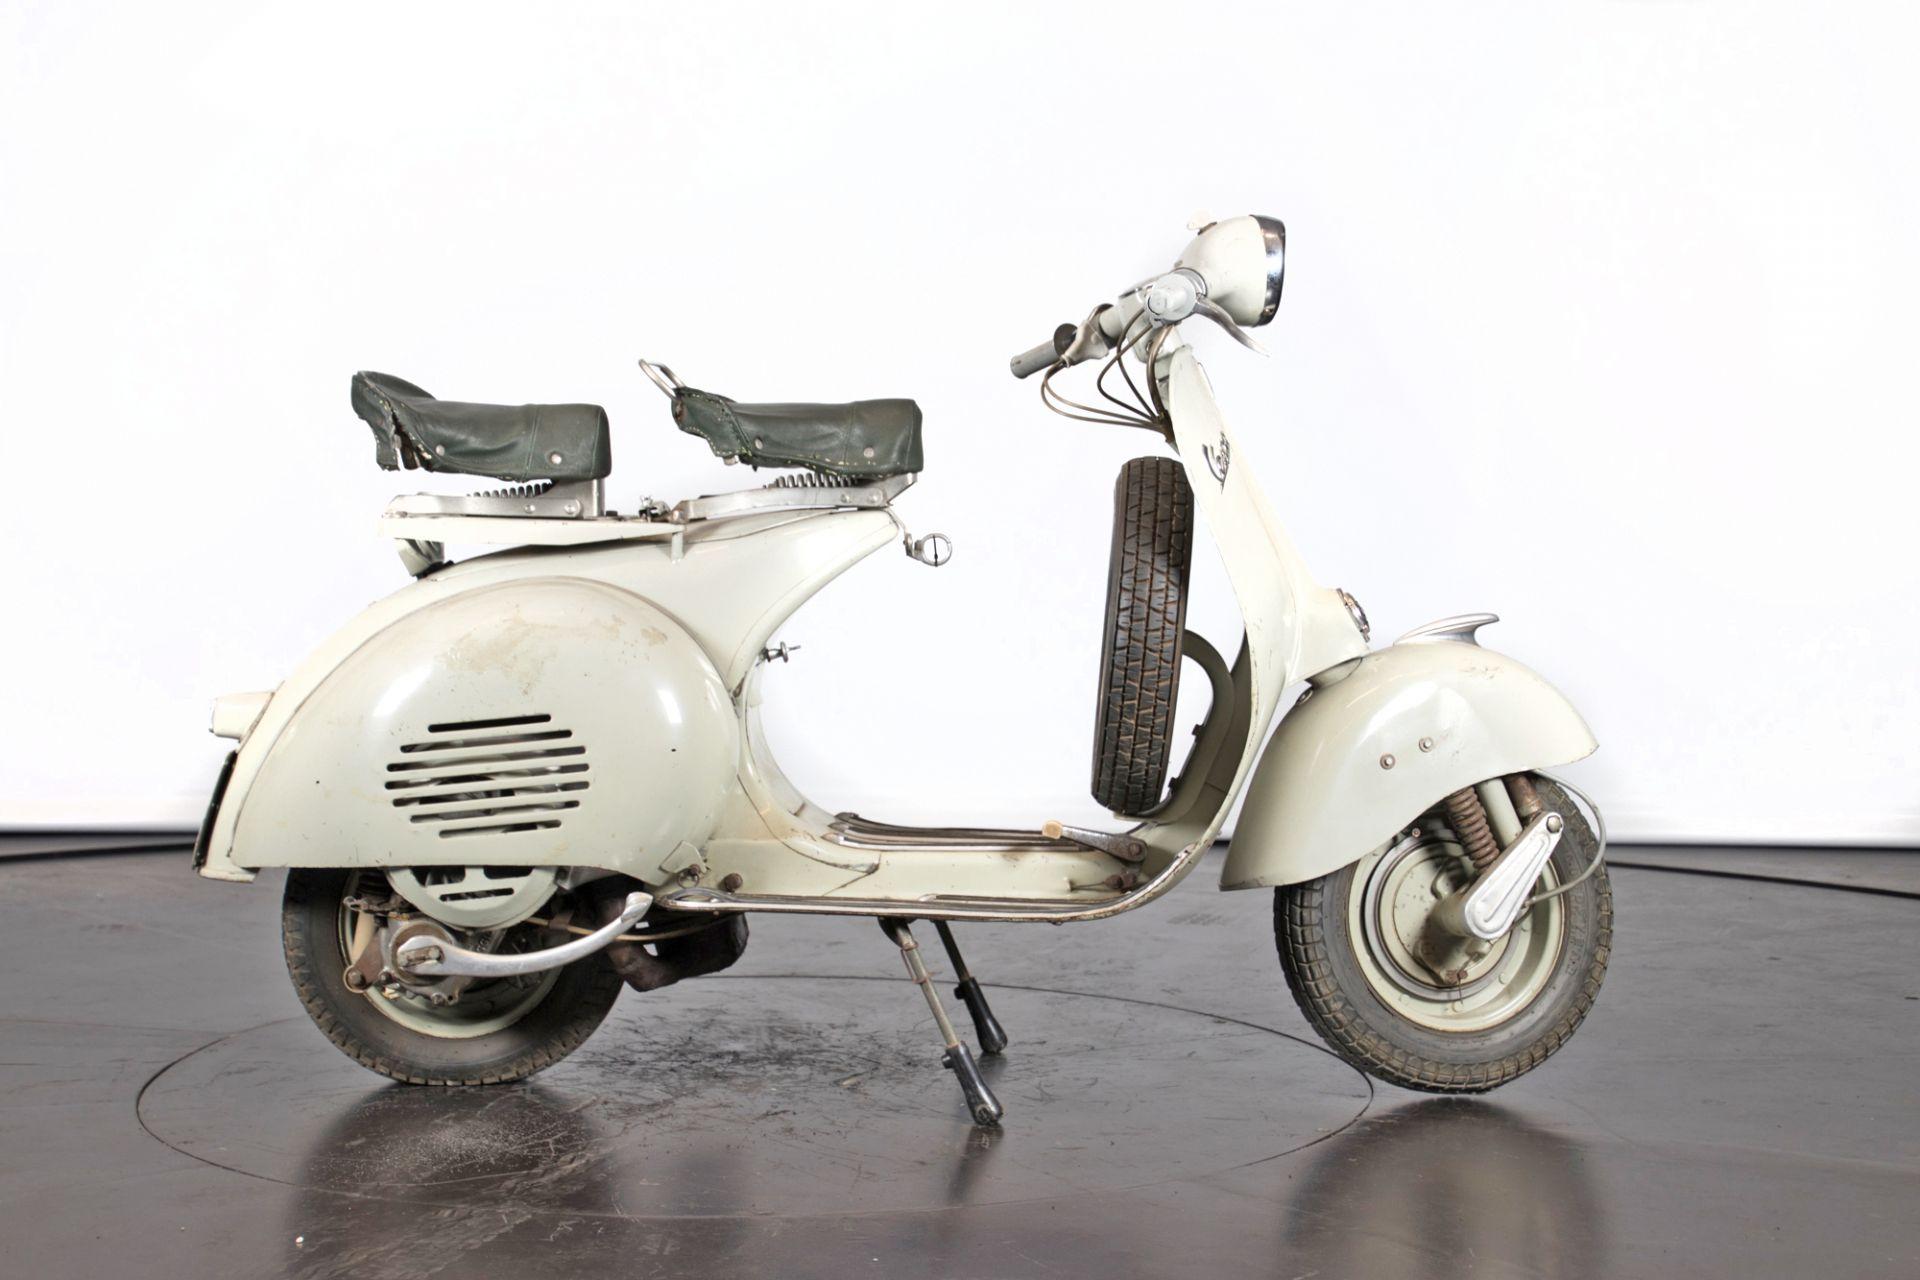 1954 Piaggio Vespa GS 150 VD 34718